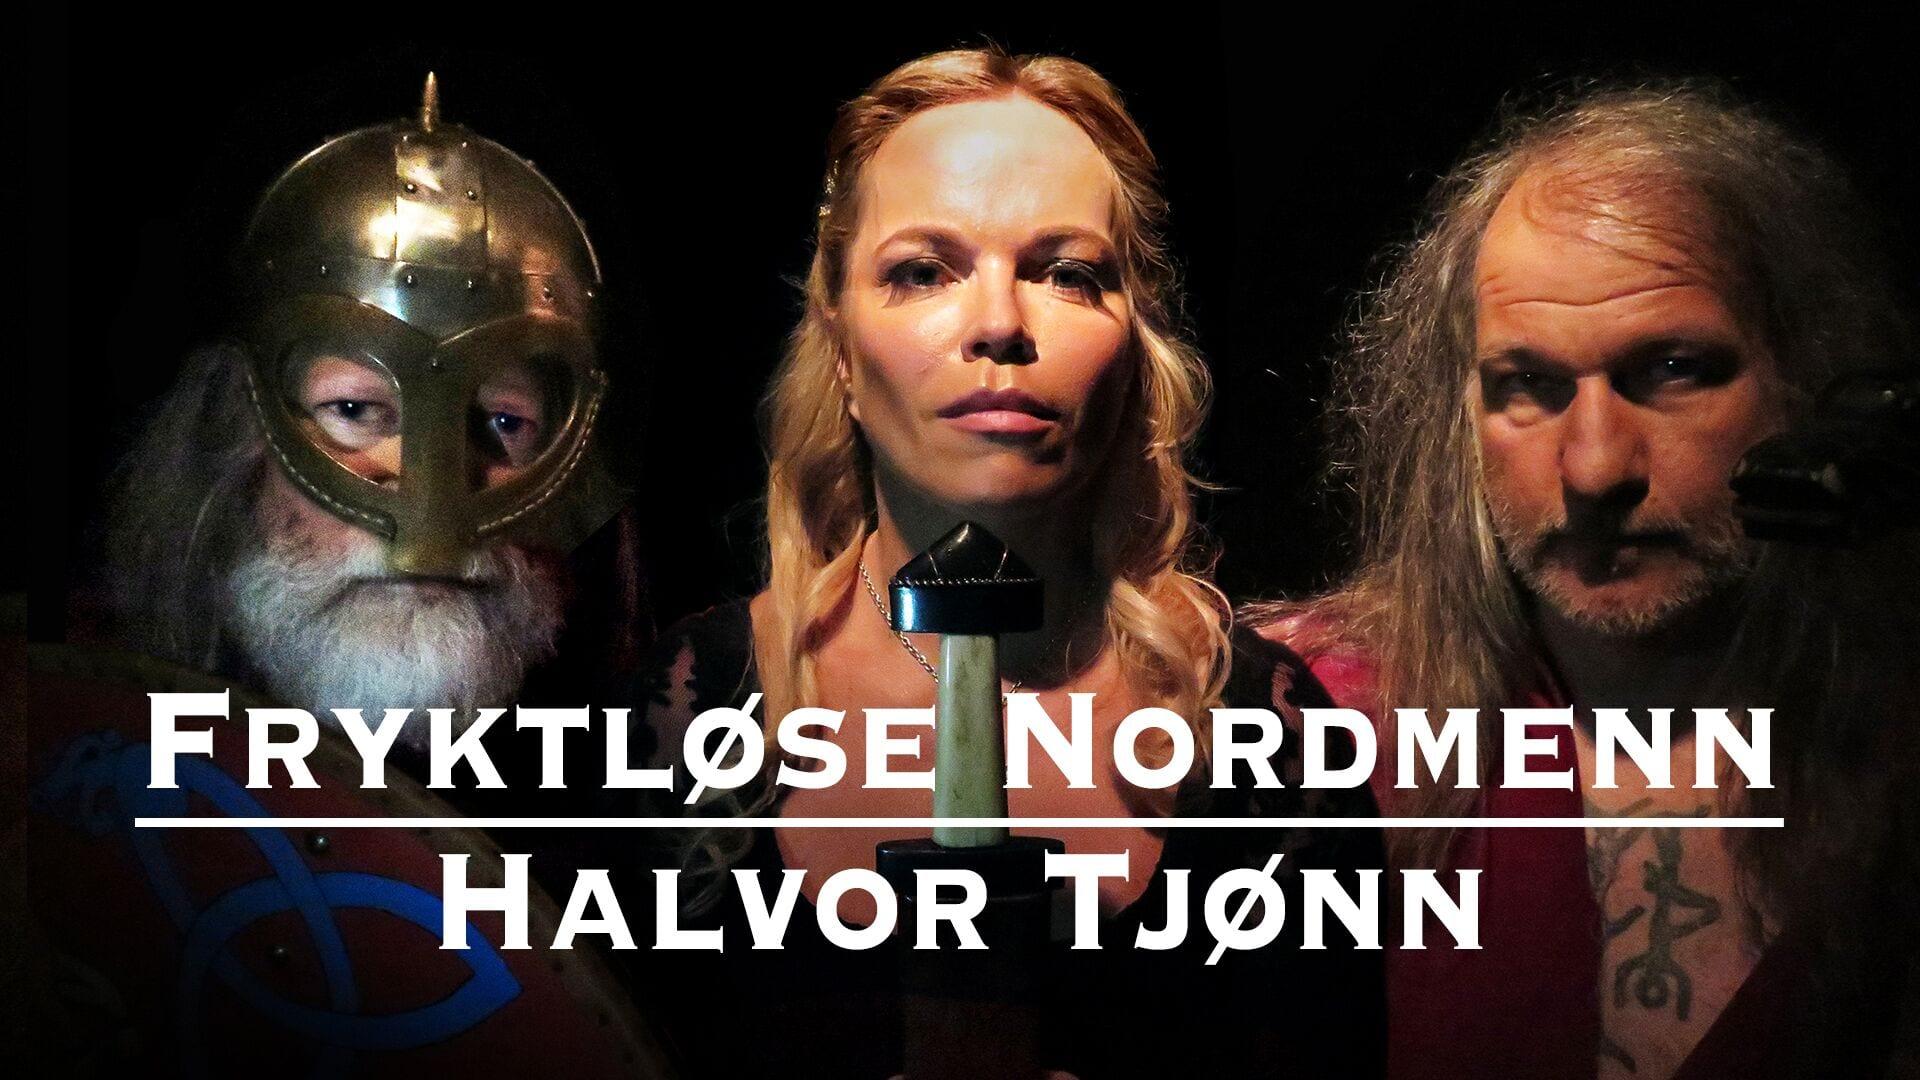 Fryktløse Nordmenn Episode 2: Vikingenes dramatiske ekspansjon over hele verden - historiker Halvor Tjønn, Herland Report